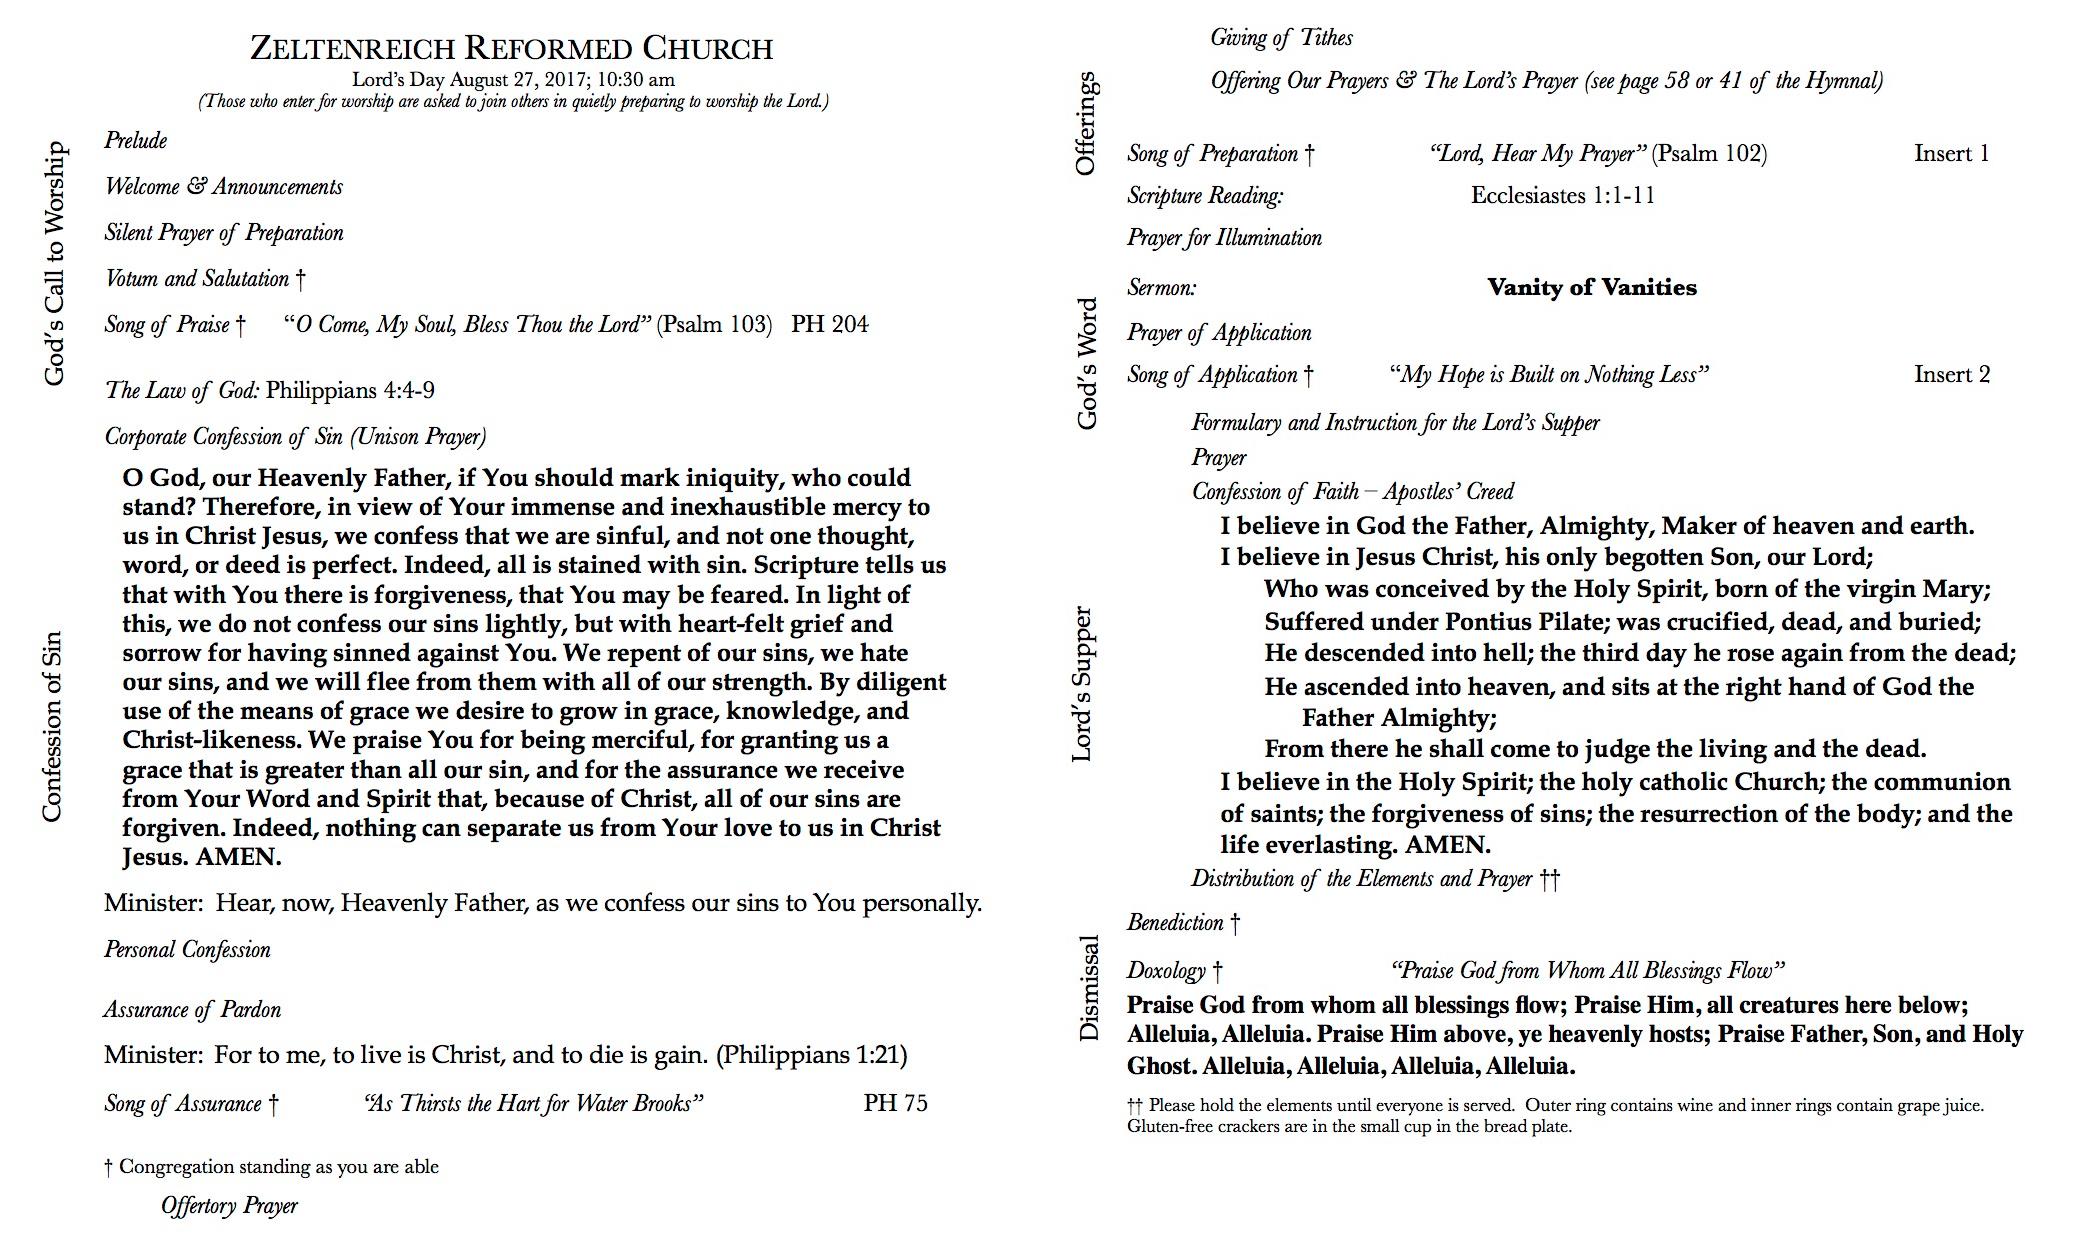 ZRC Bulletin 8.27.17.jpg